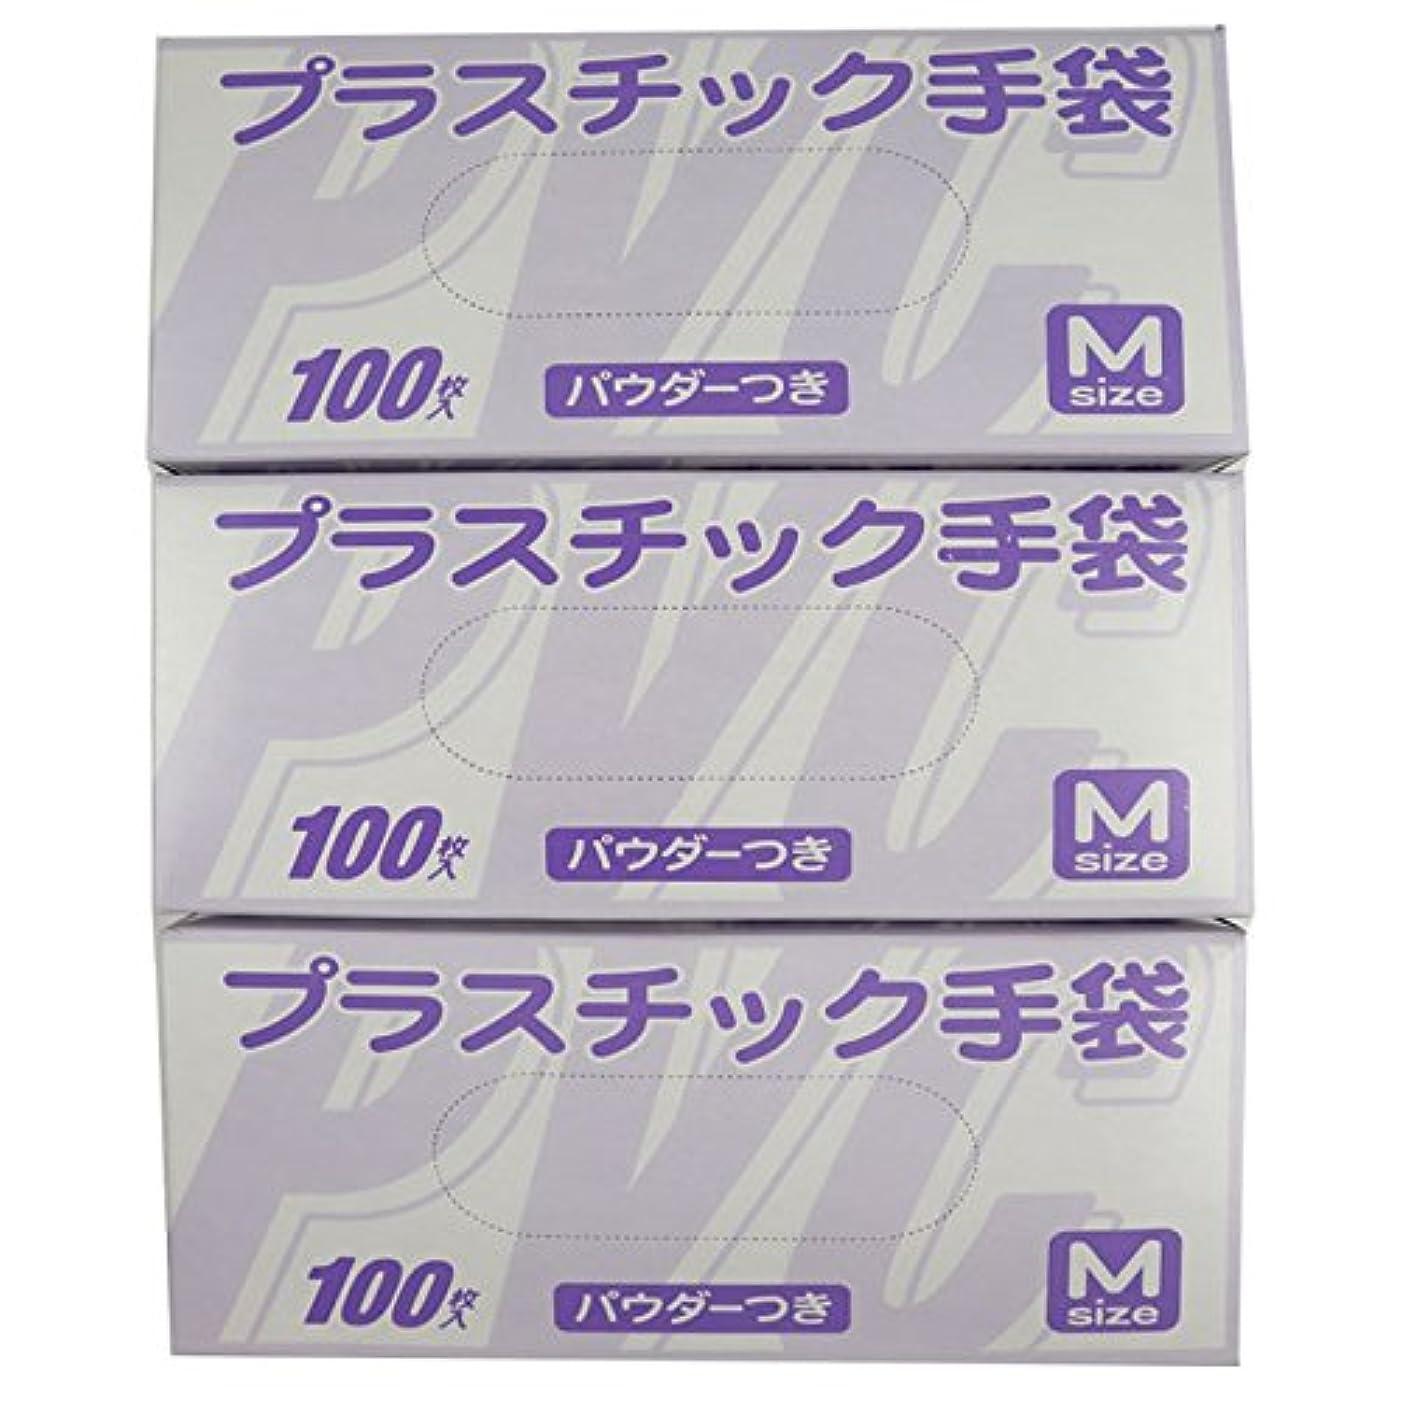 不健全残高グリーンバック【お得なセット商品】(300枚) 使い捨て手袋 プラスチックグローブ 粉付 Mサイズ 100枚入×3個セット 超薄手 破れにくい 101022